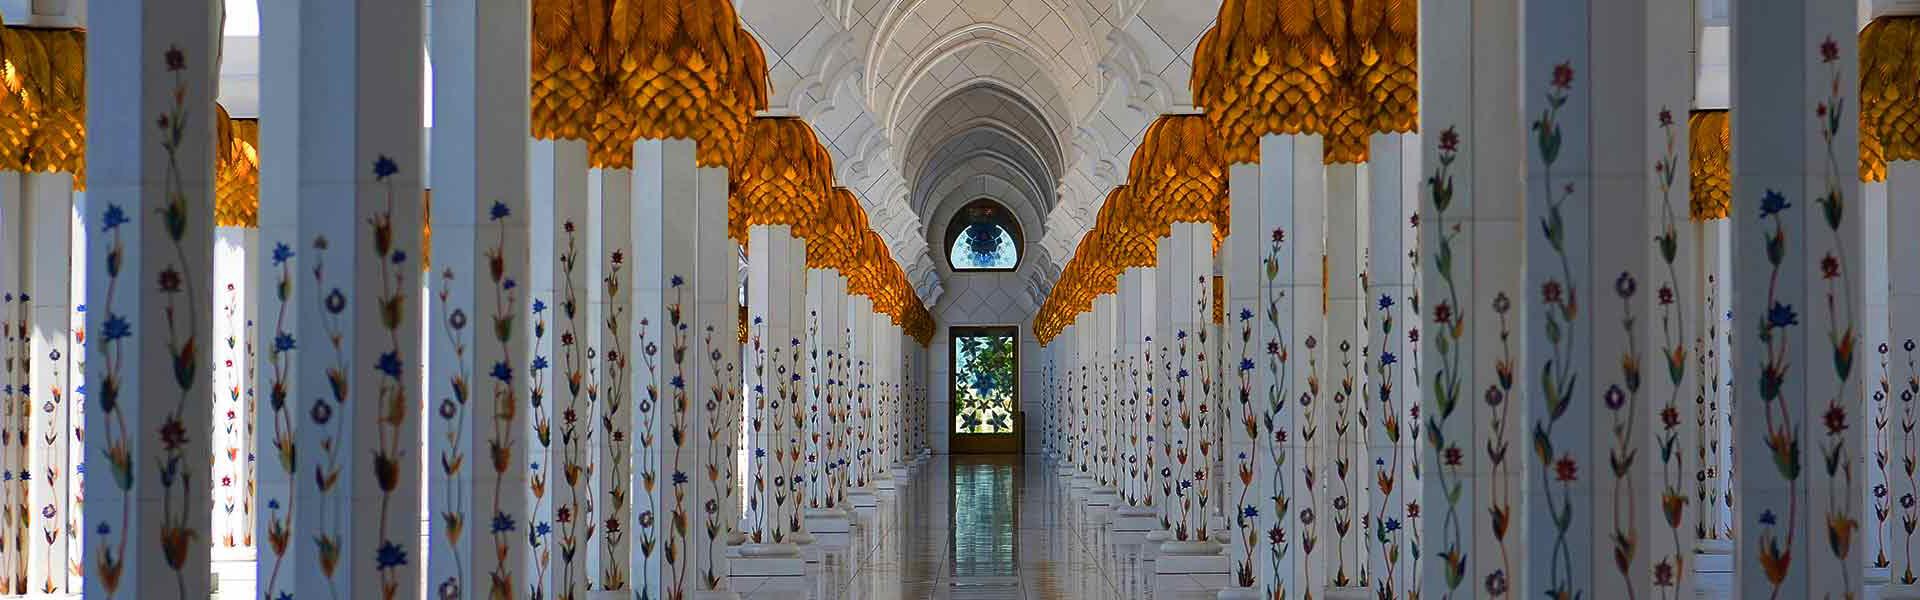 Korridor in der Scheich-Zayid-Moschee, Abu Dhabi